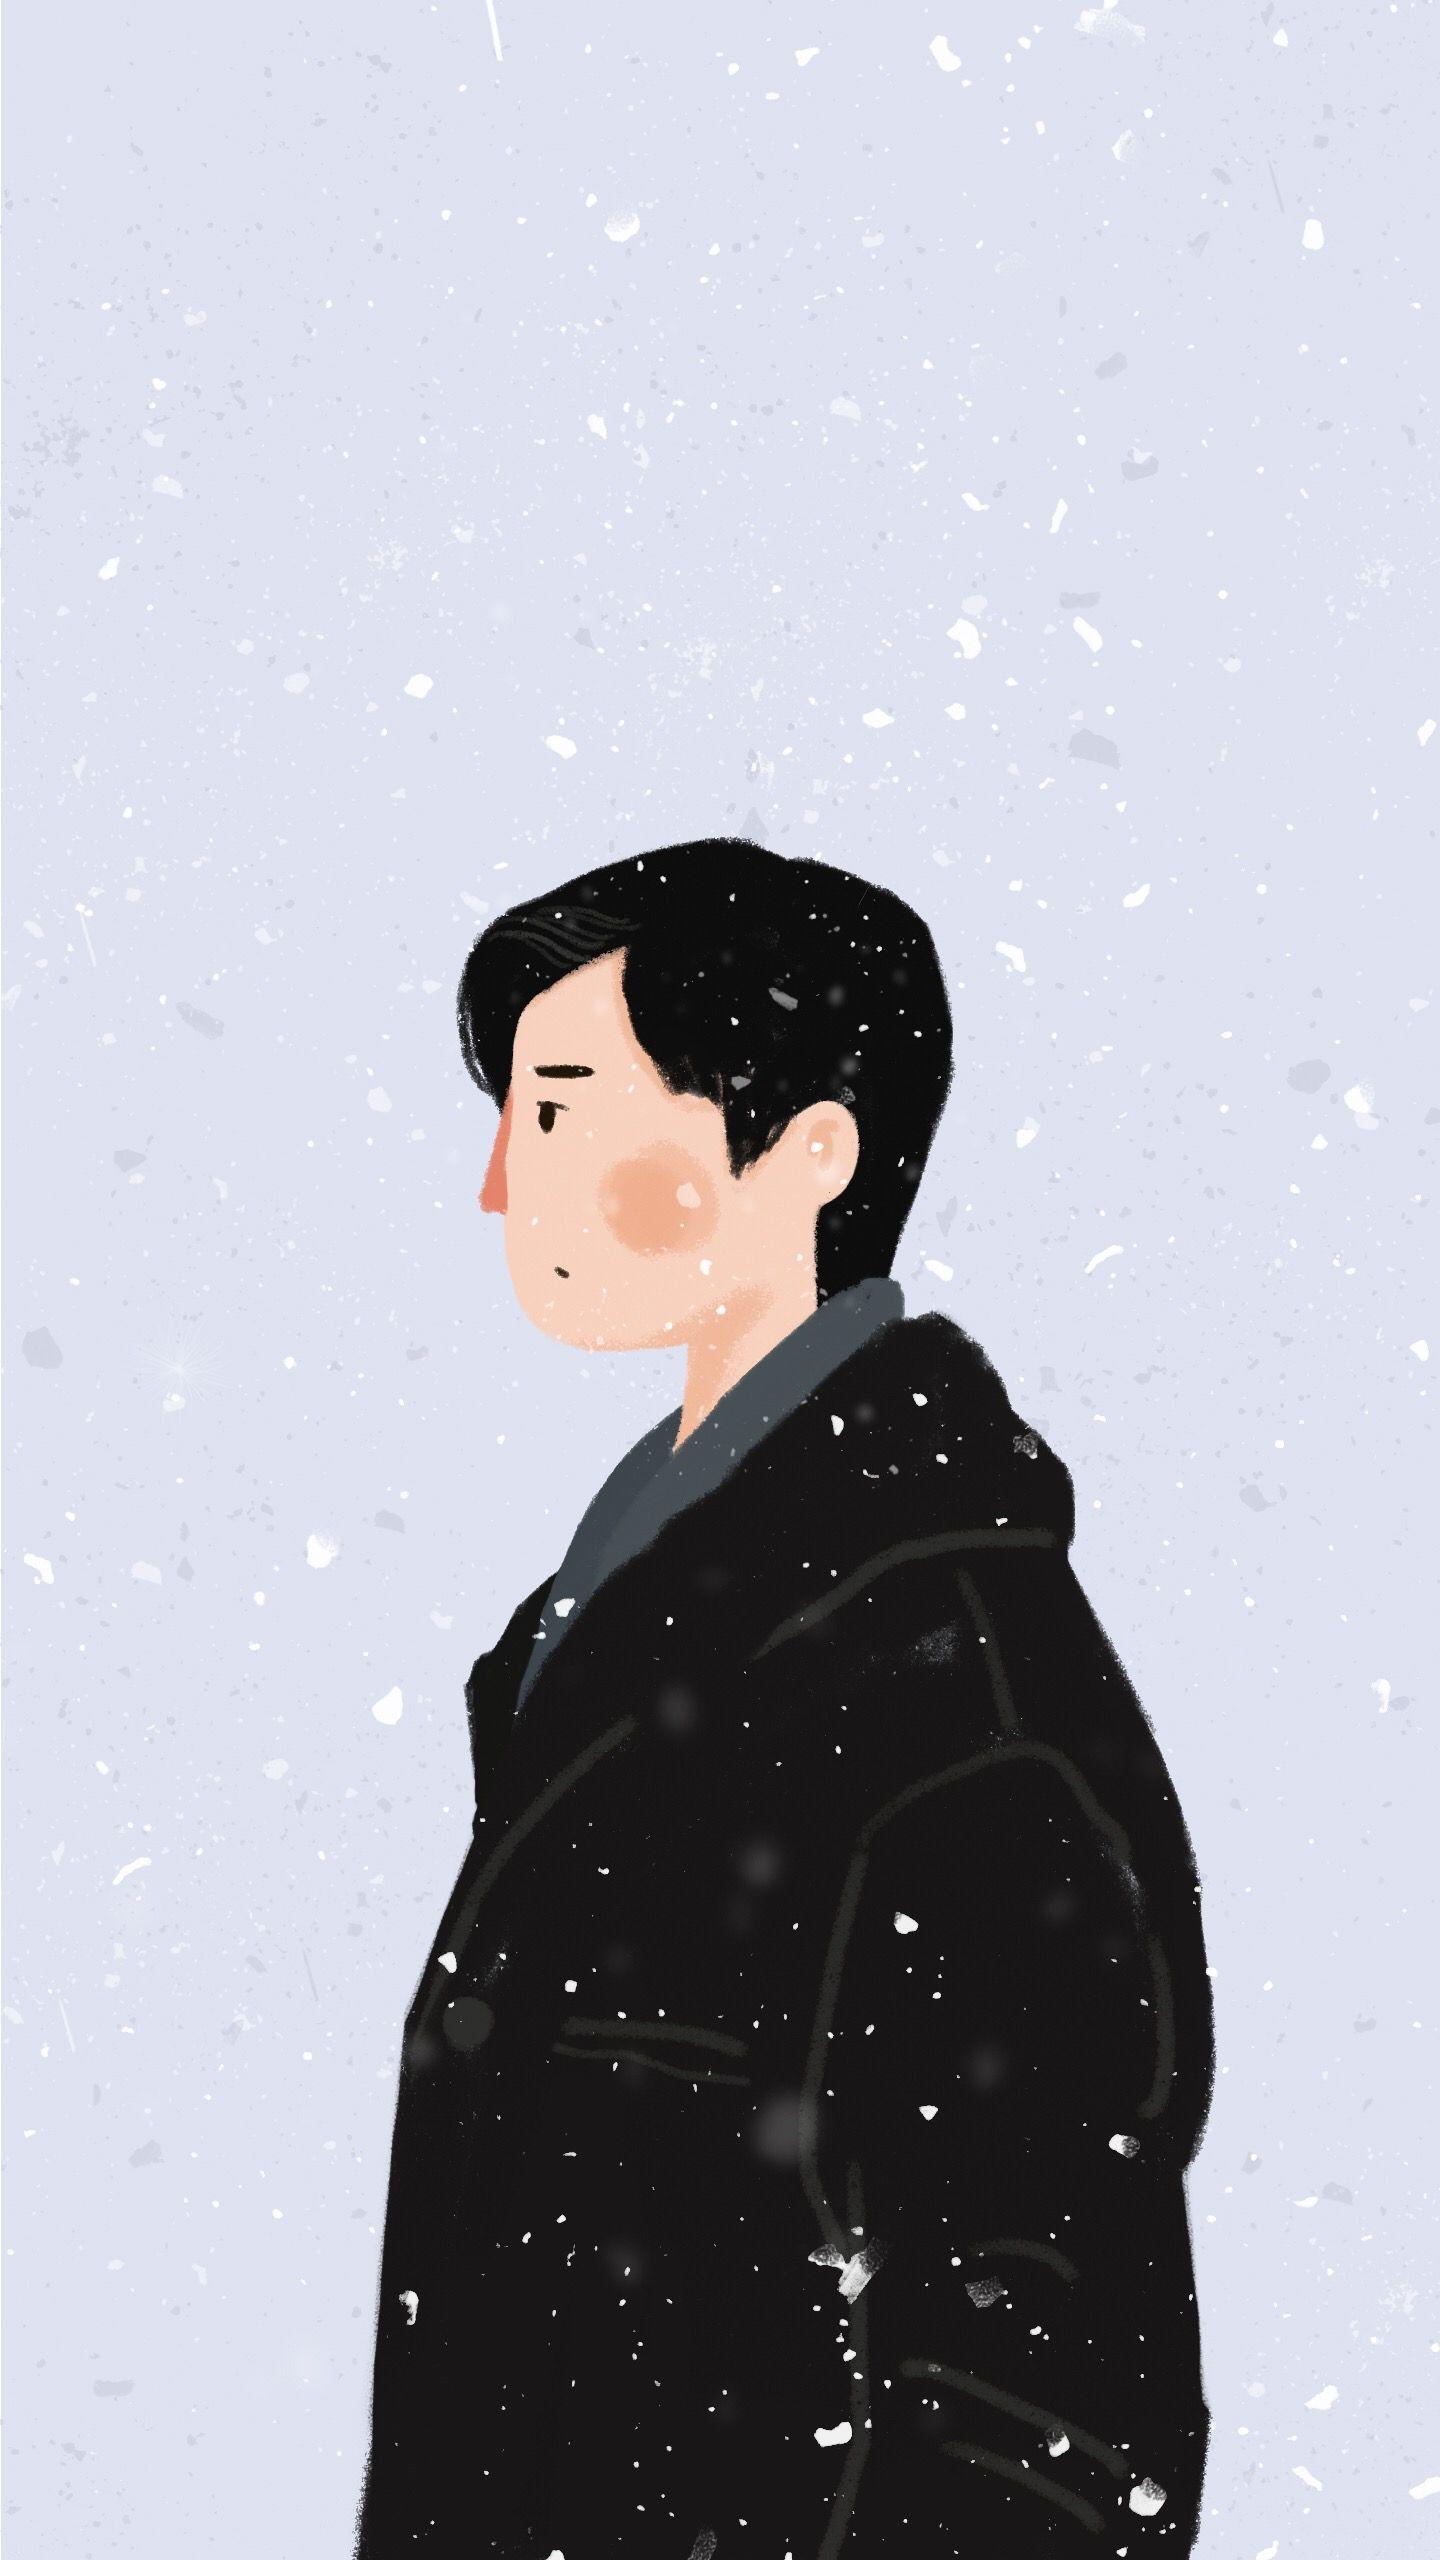 Pin oleh نادیراہ di Tumblr Ilustrasi karakter, Seni